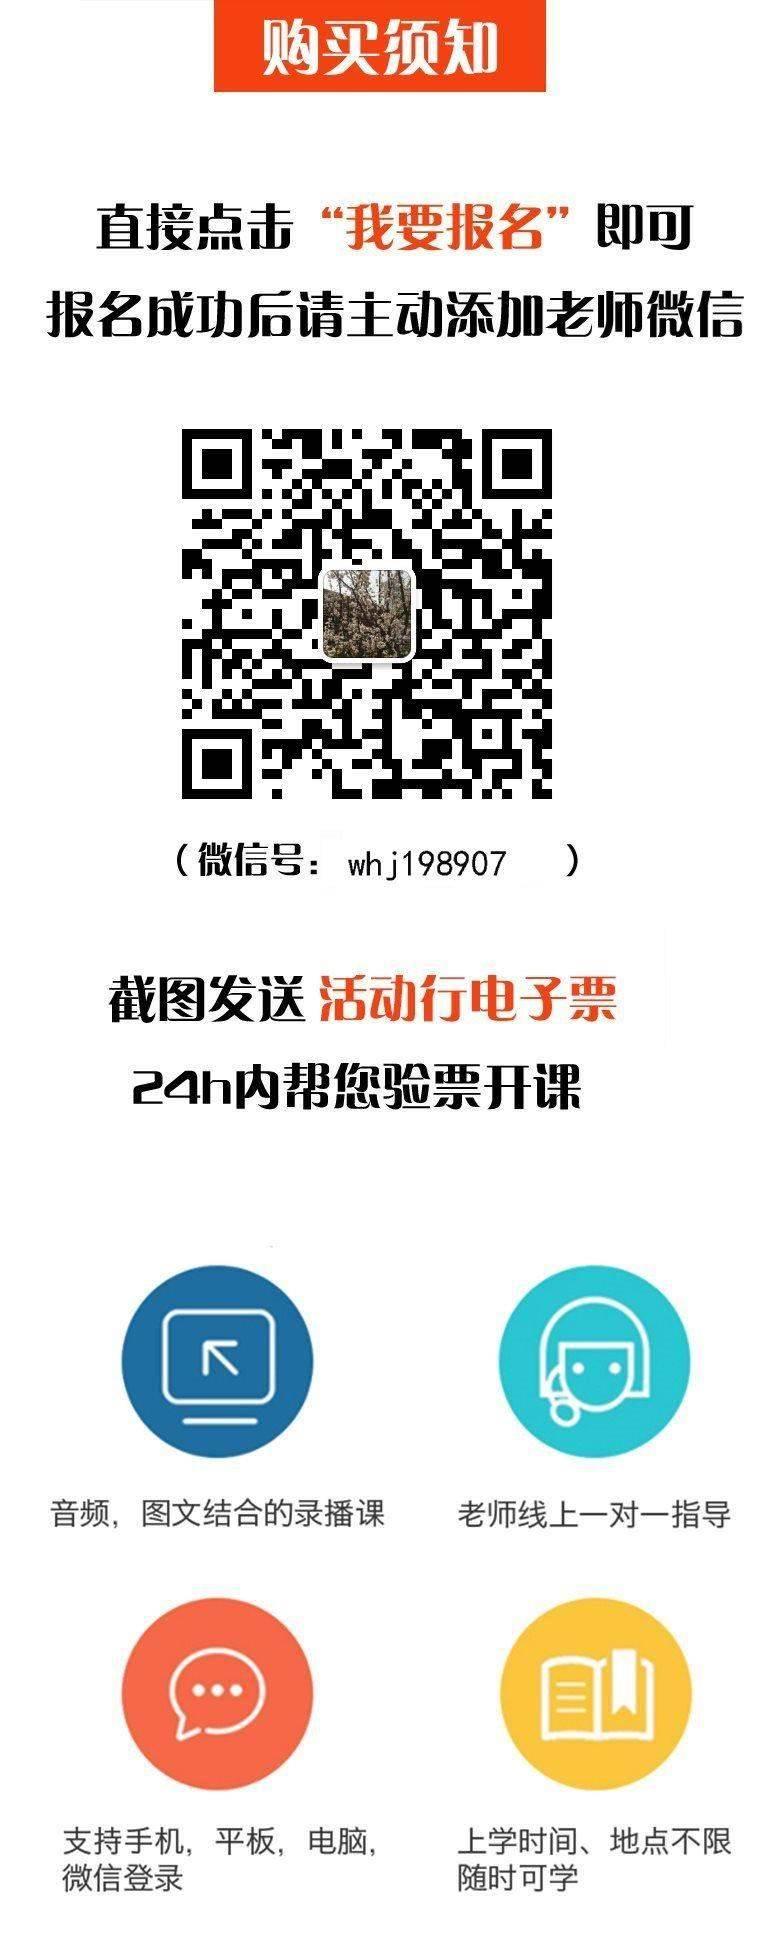 1556706815431_84732.jpg